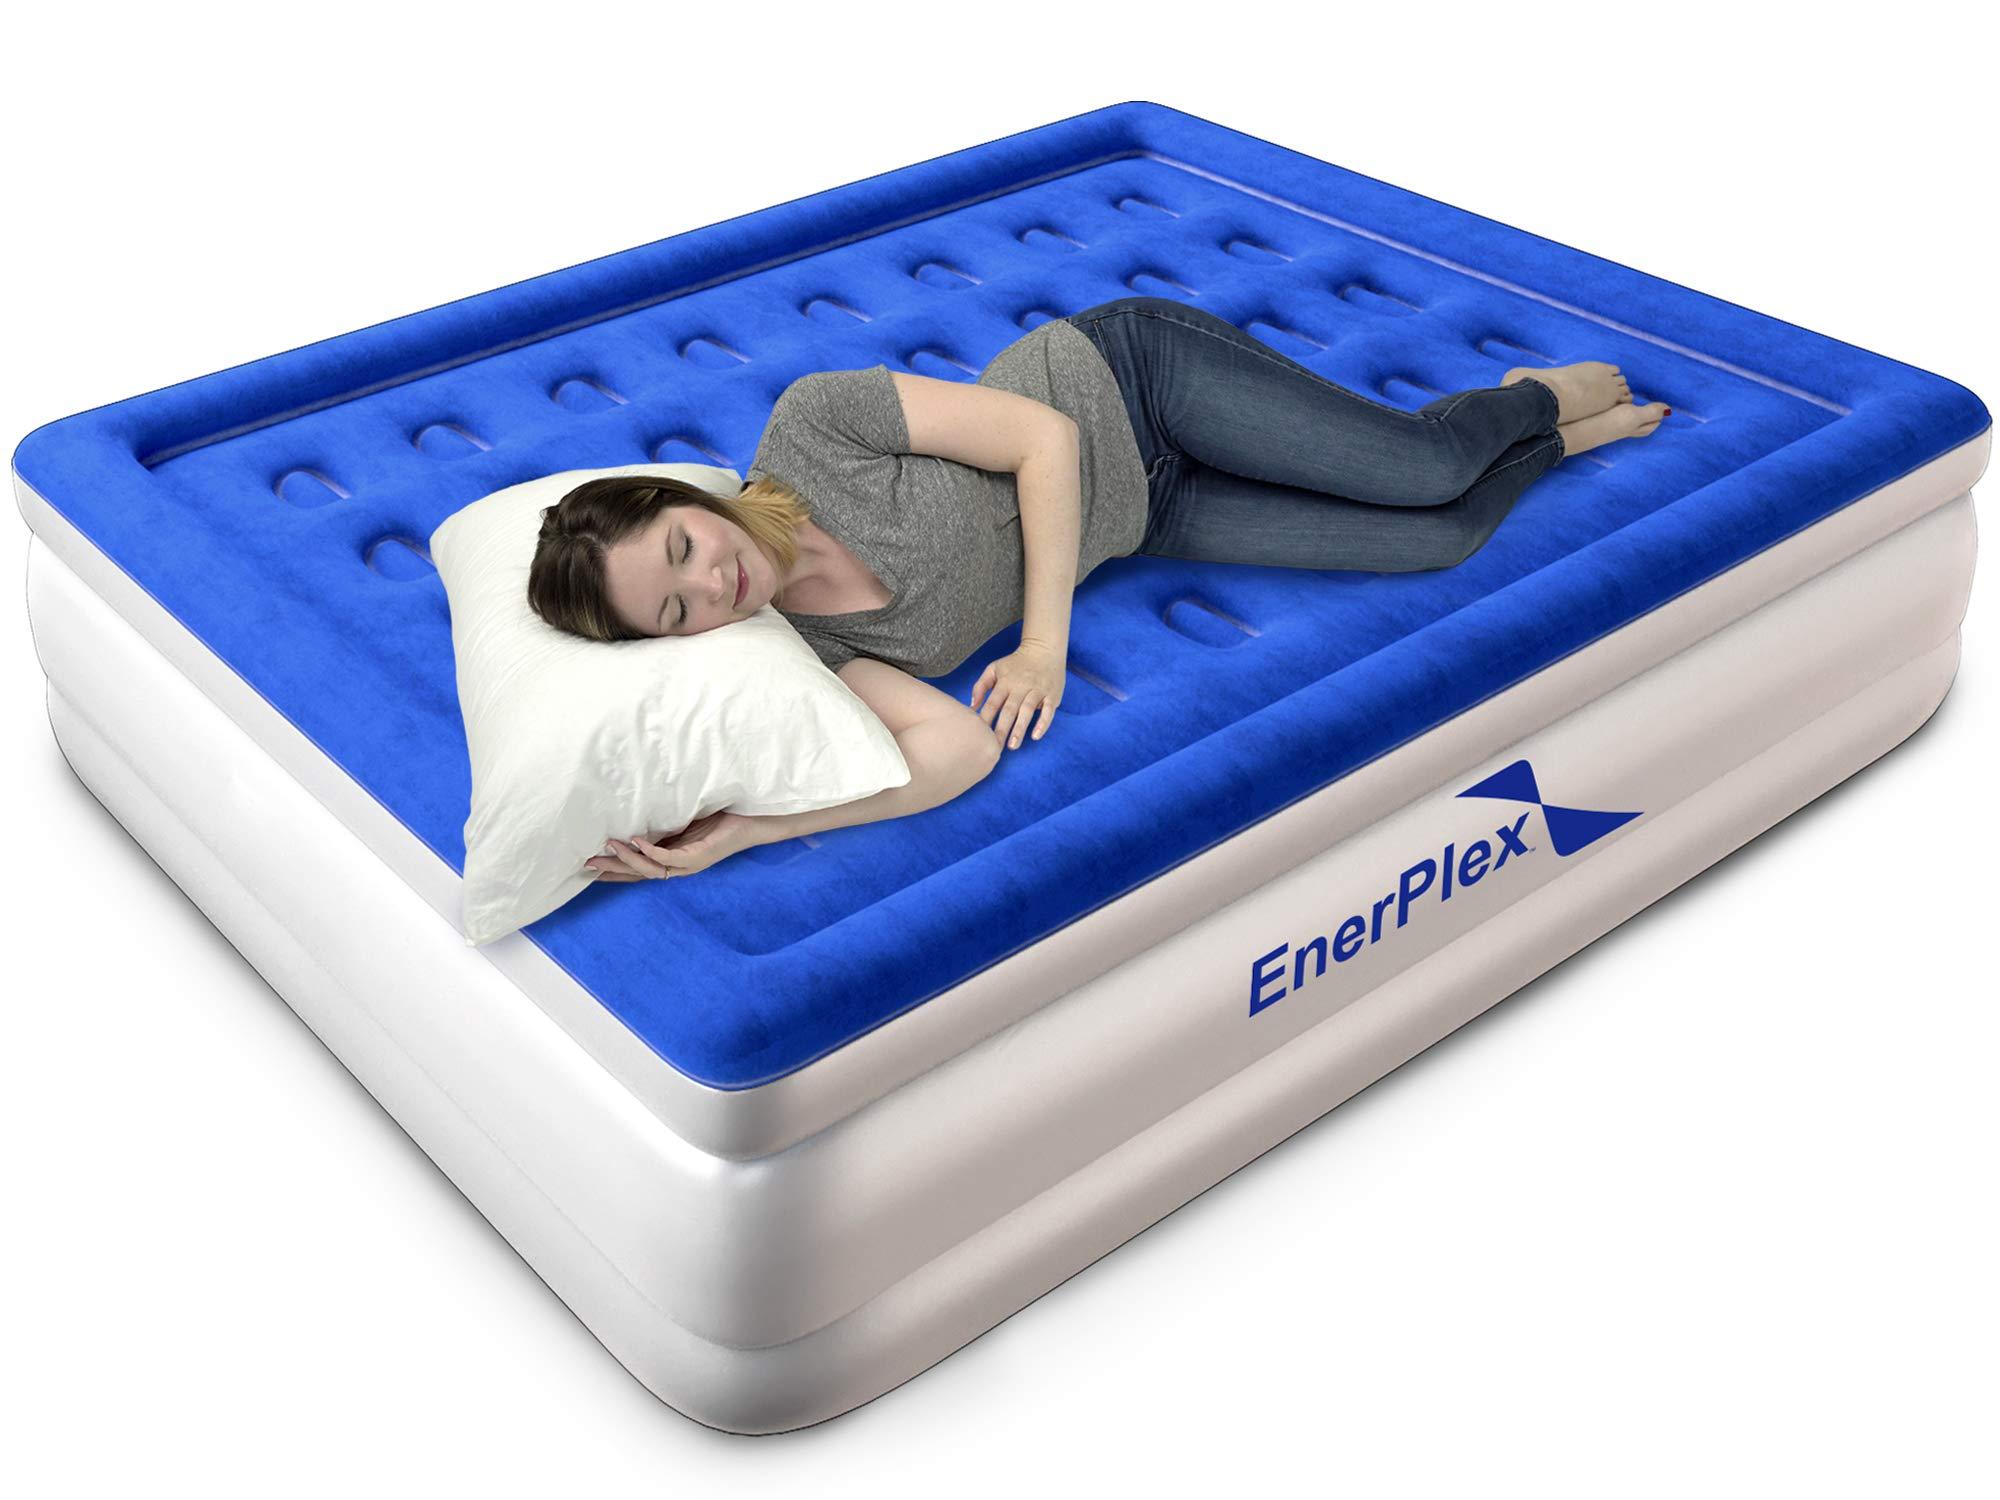 EnerPlex Premium Mattress Camping Warranty